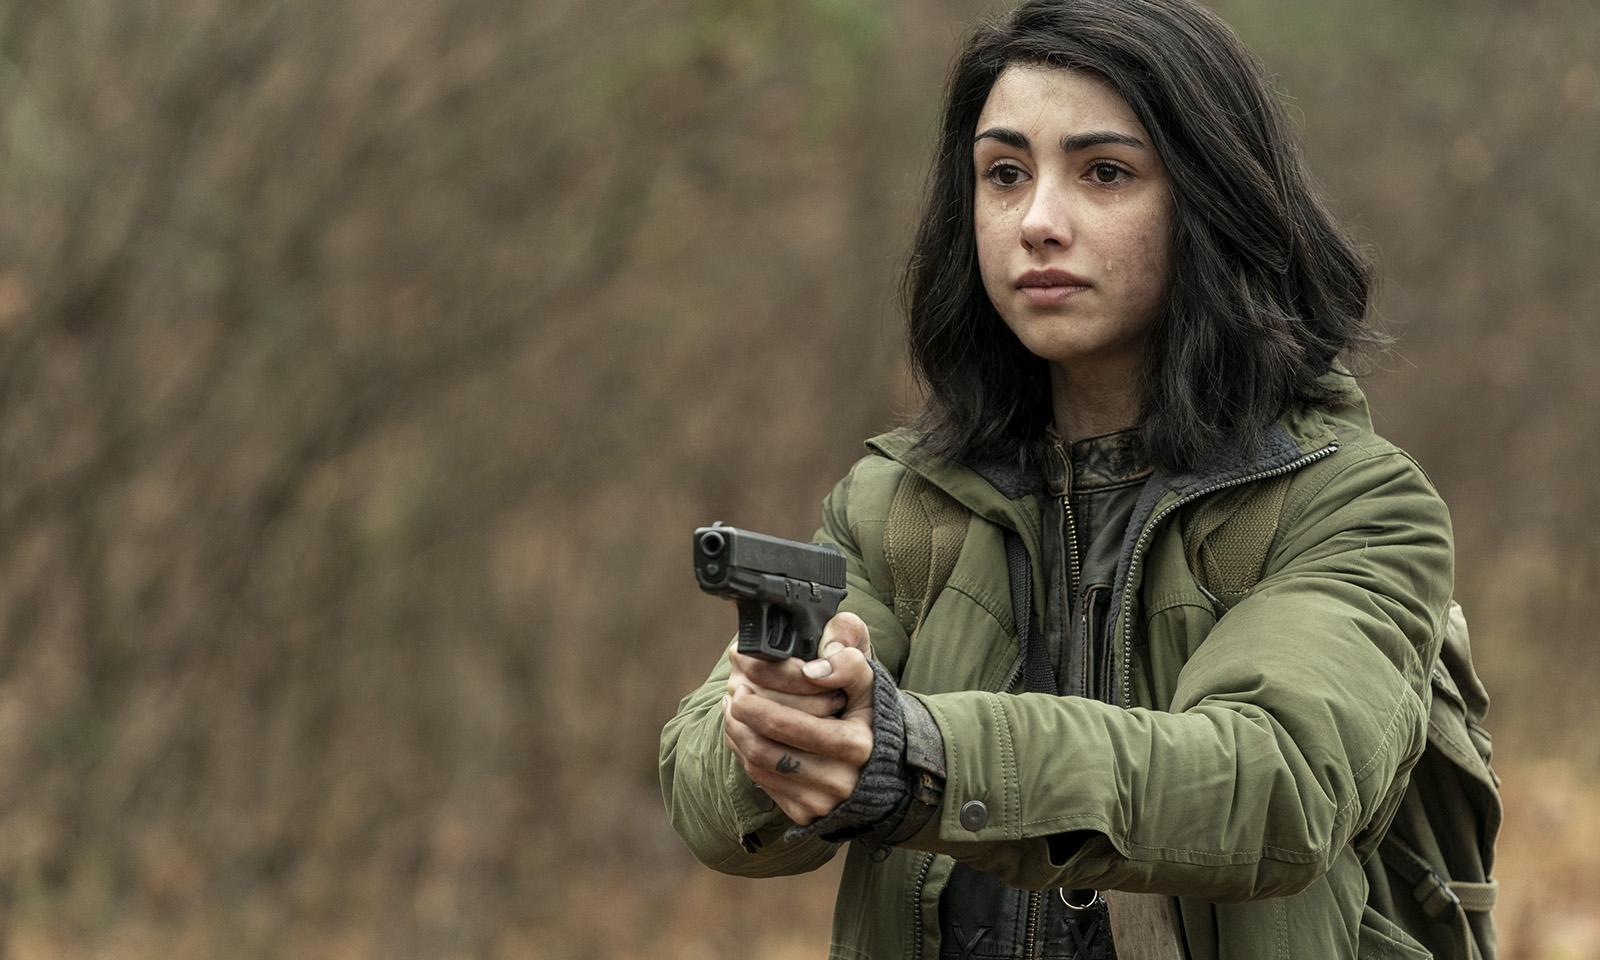 Hope apontando uma arma para Huck no último episódio da 1ª temporada de The Walking Dead: World Beyond.